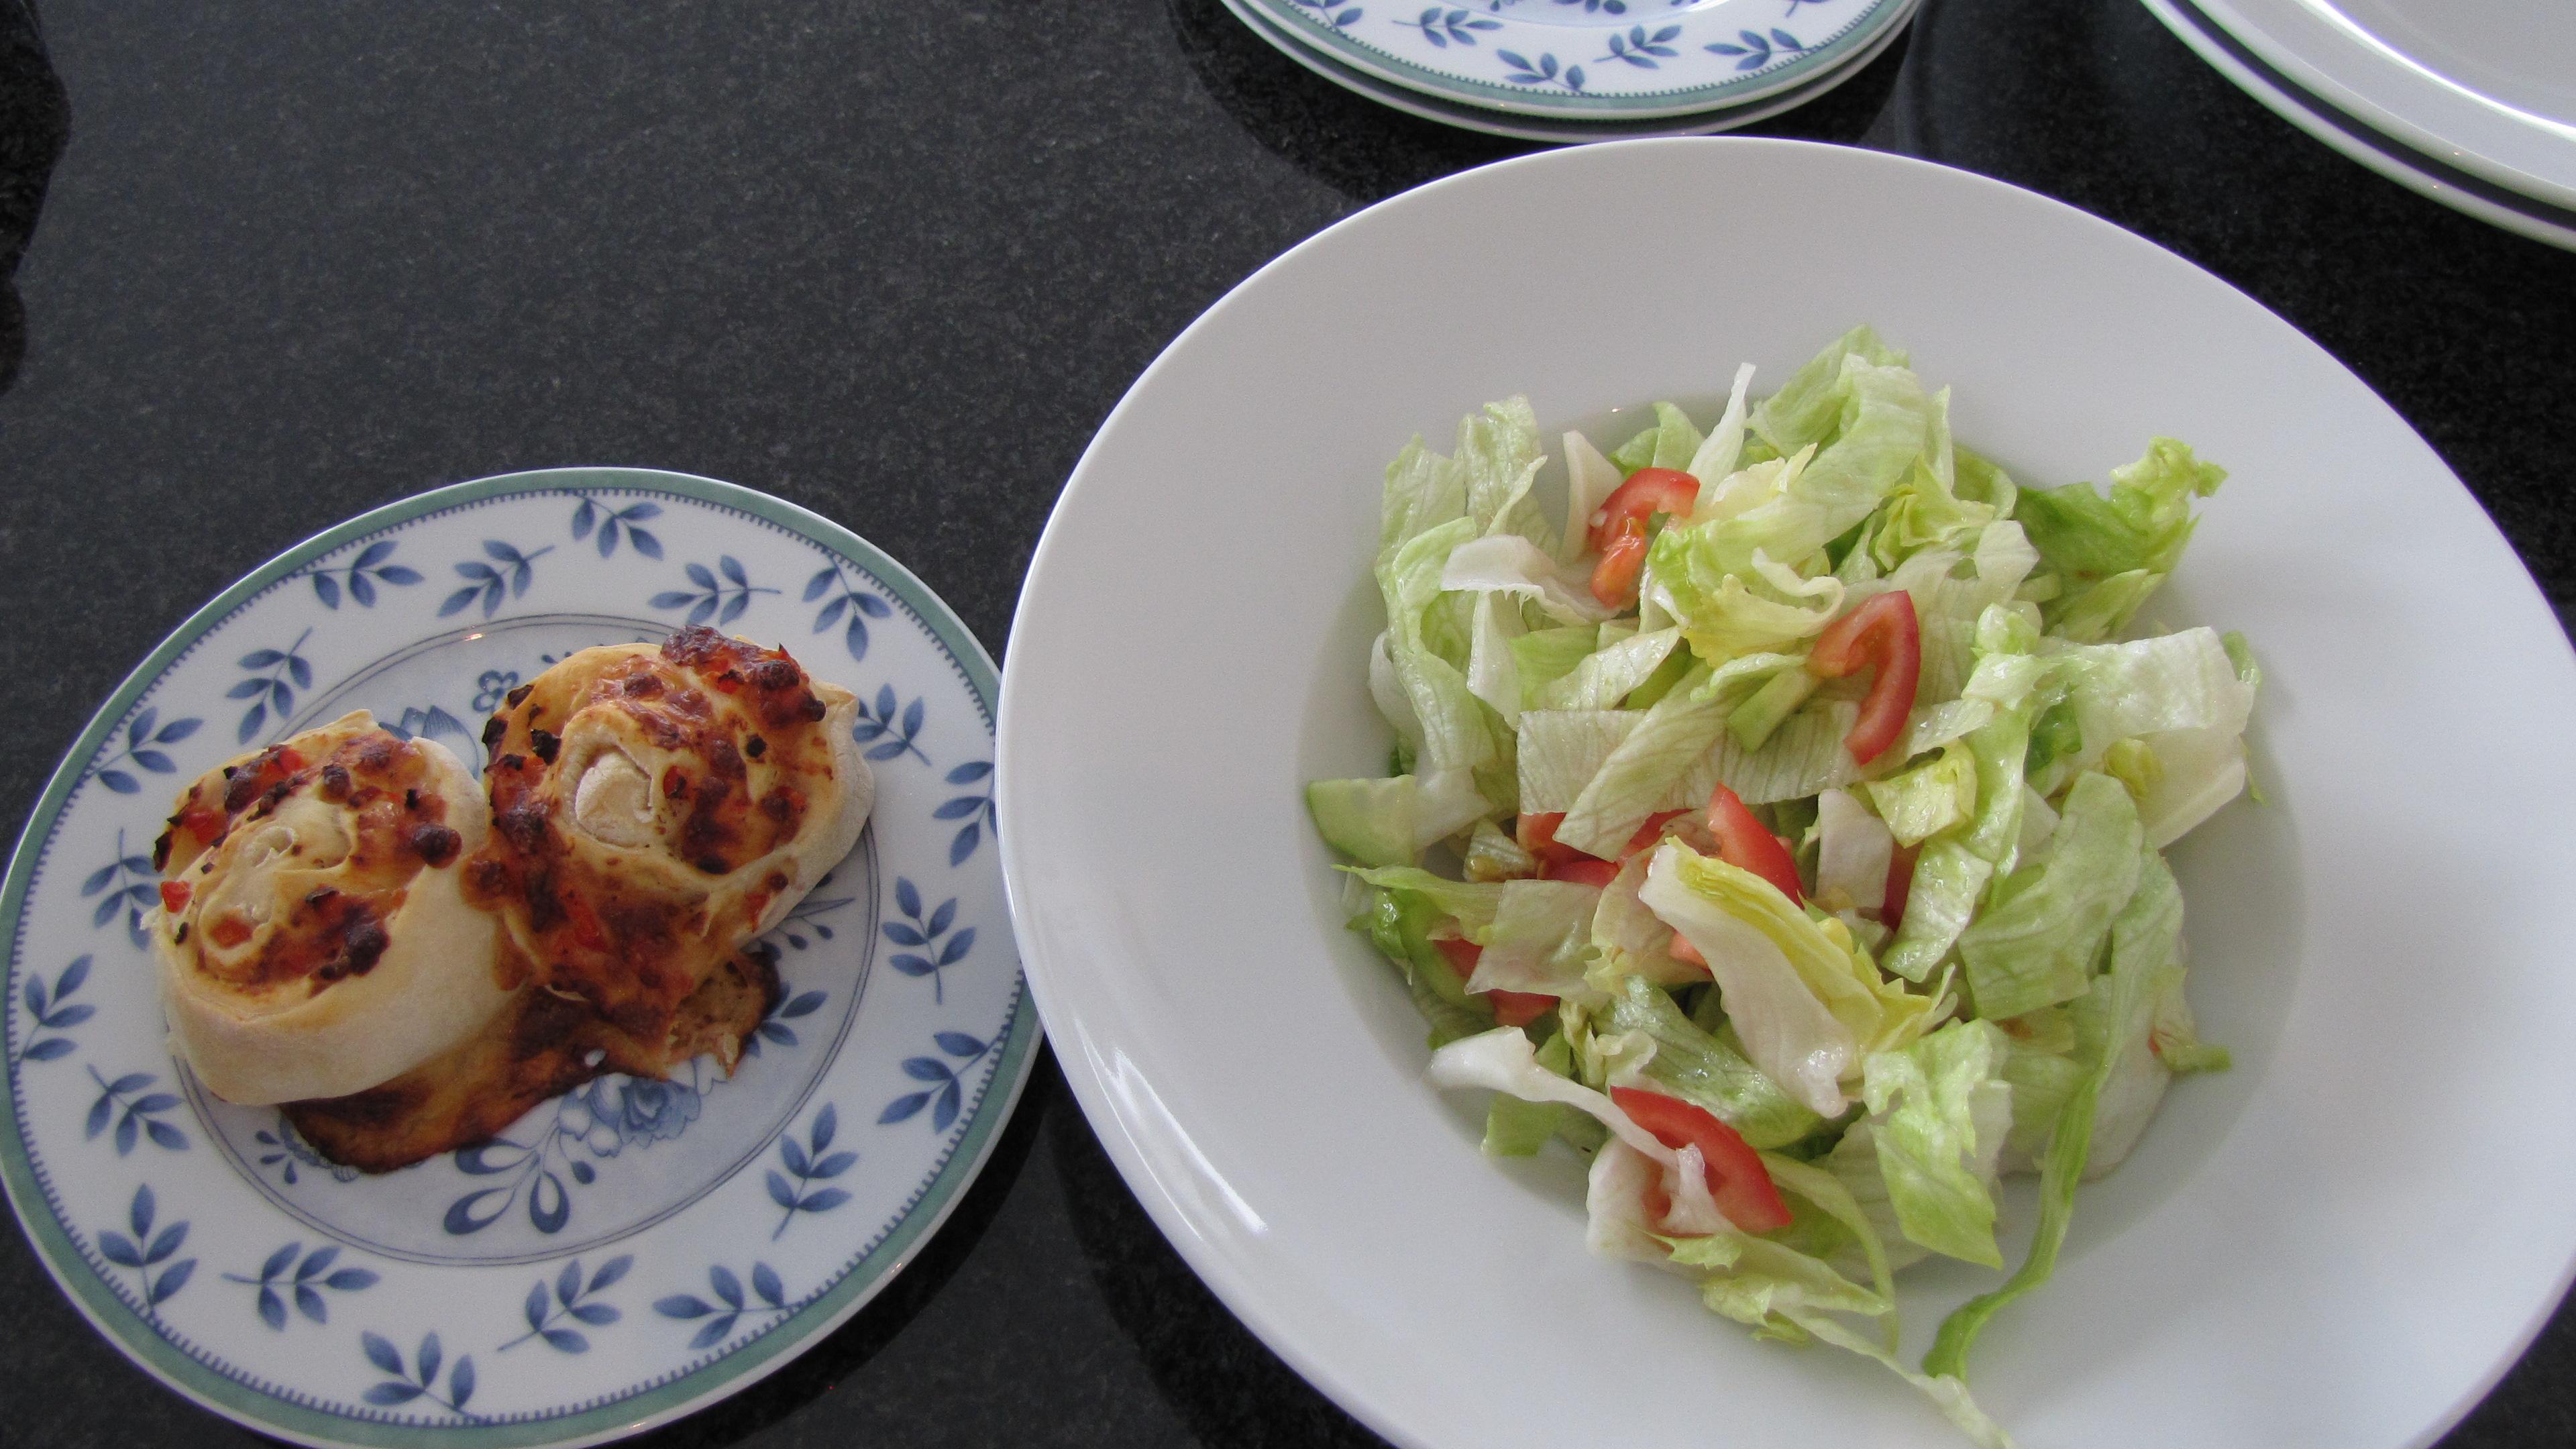 hefeschnecken mit paprika k se f lleung damit der salat nicht so langweilig ist wie abnehmen. Black Bedroom Furniture Sets. Home Design Ideas